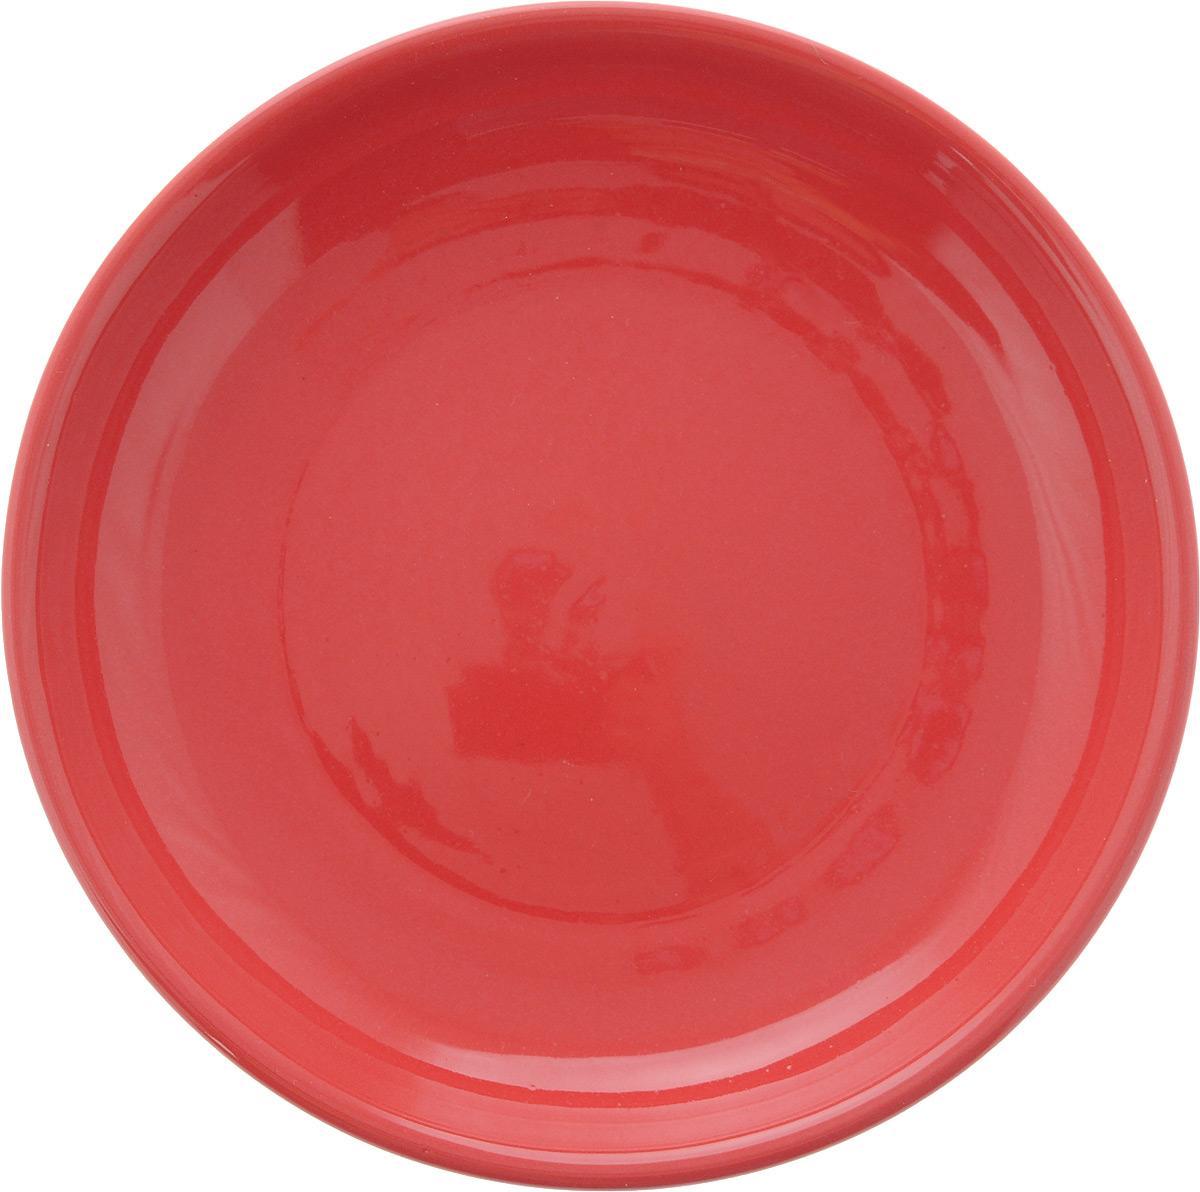 Тарелка Борисовская керамика Радуга, цвет: красный, диаметр 18 см115510Тарелка Борисовская керамика Радуга изготовлена из керамики. Изделие идеально подойдет для сервировки стола. Тарелка отлично впишется в любой интерьер современной кухни и станет отличным подарком для вас и ваших близких.Можно использовать в духовке и микроволновой печи.Диаметр тарелки: 18 см.Высота тарелки: 3 см.